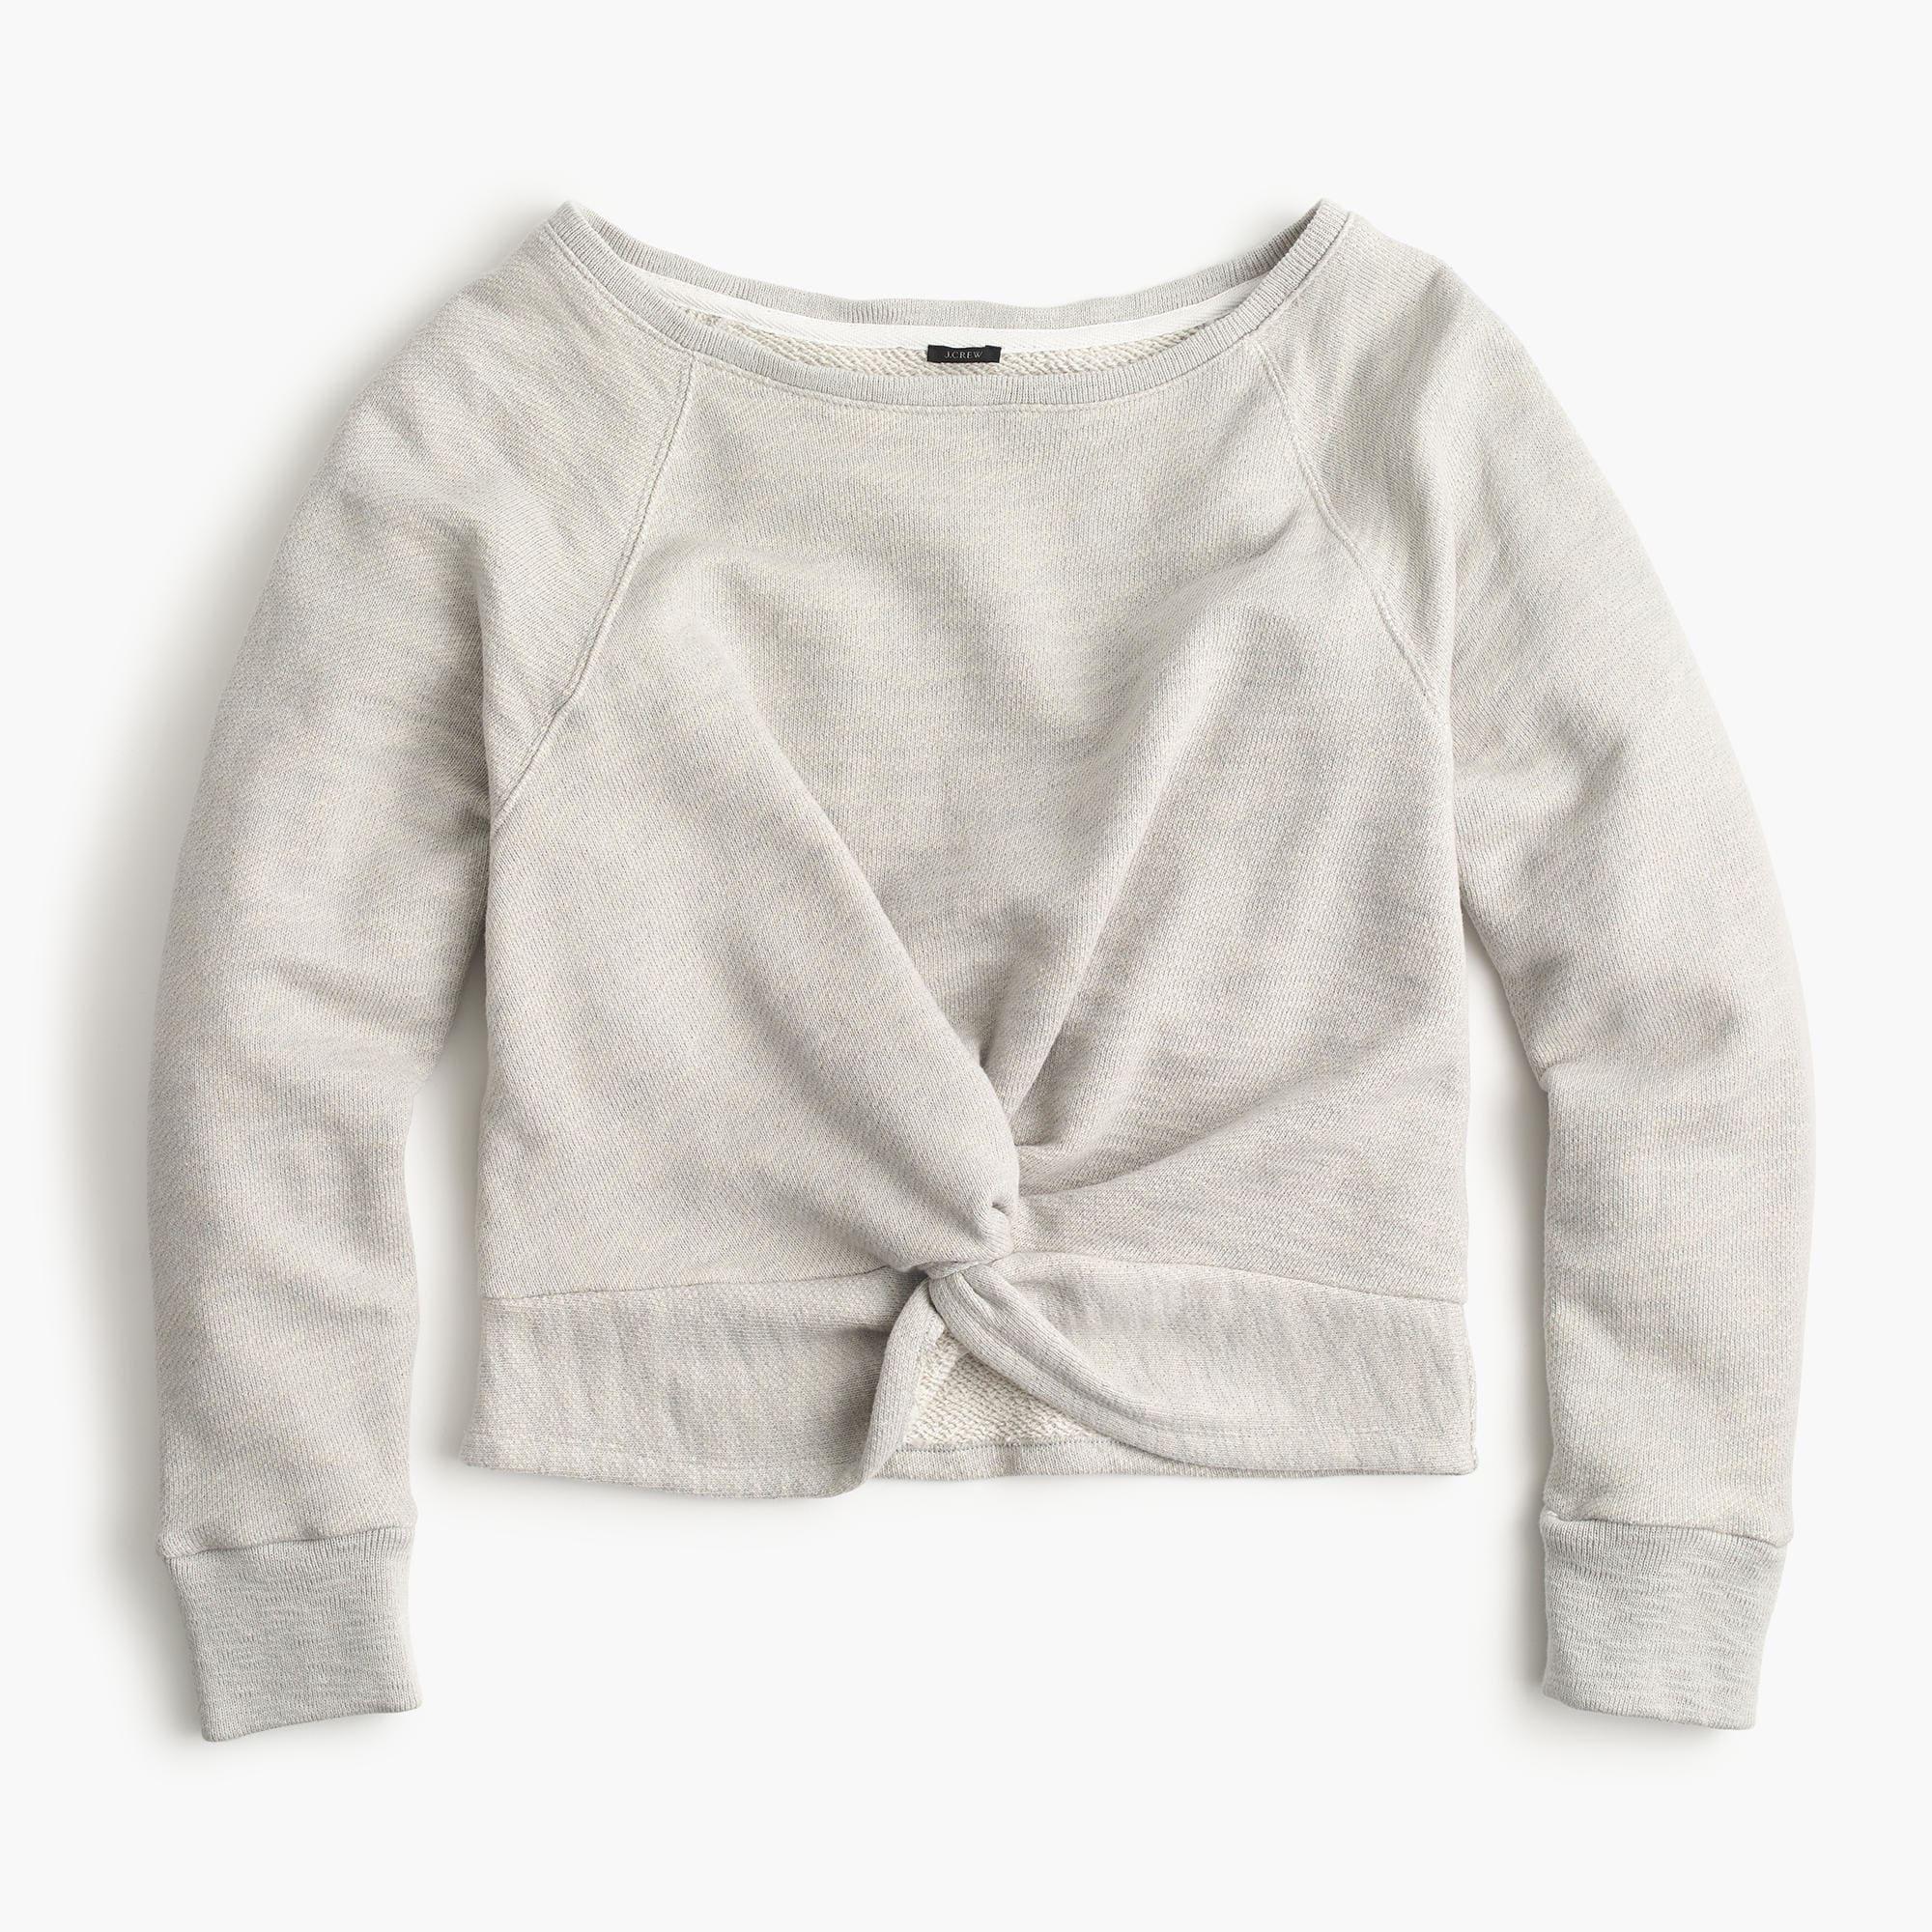 J.Crew twist Front Sweatshirt